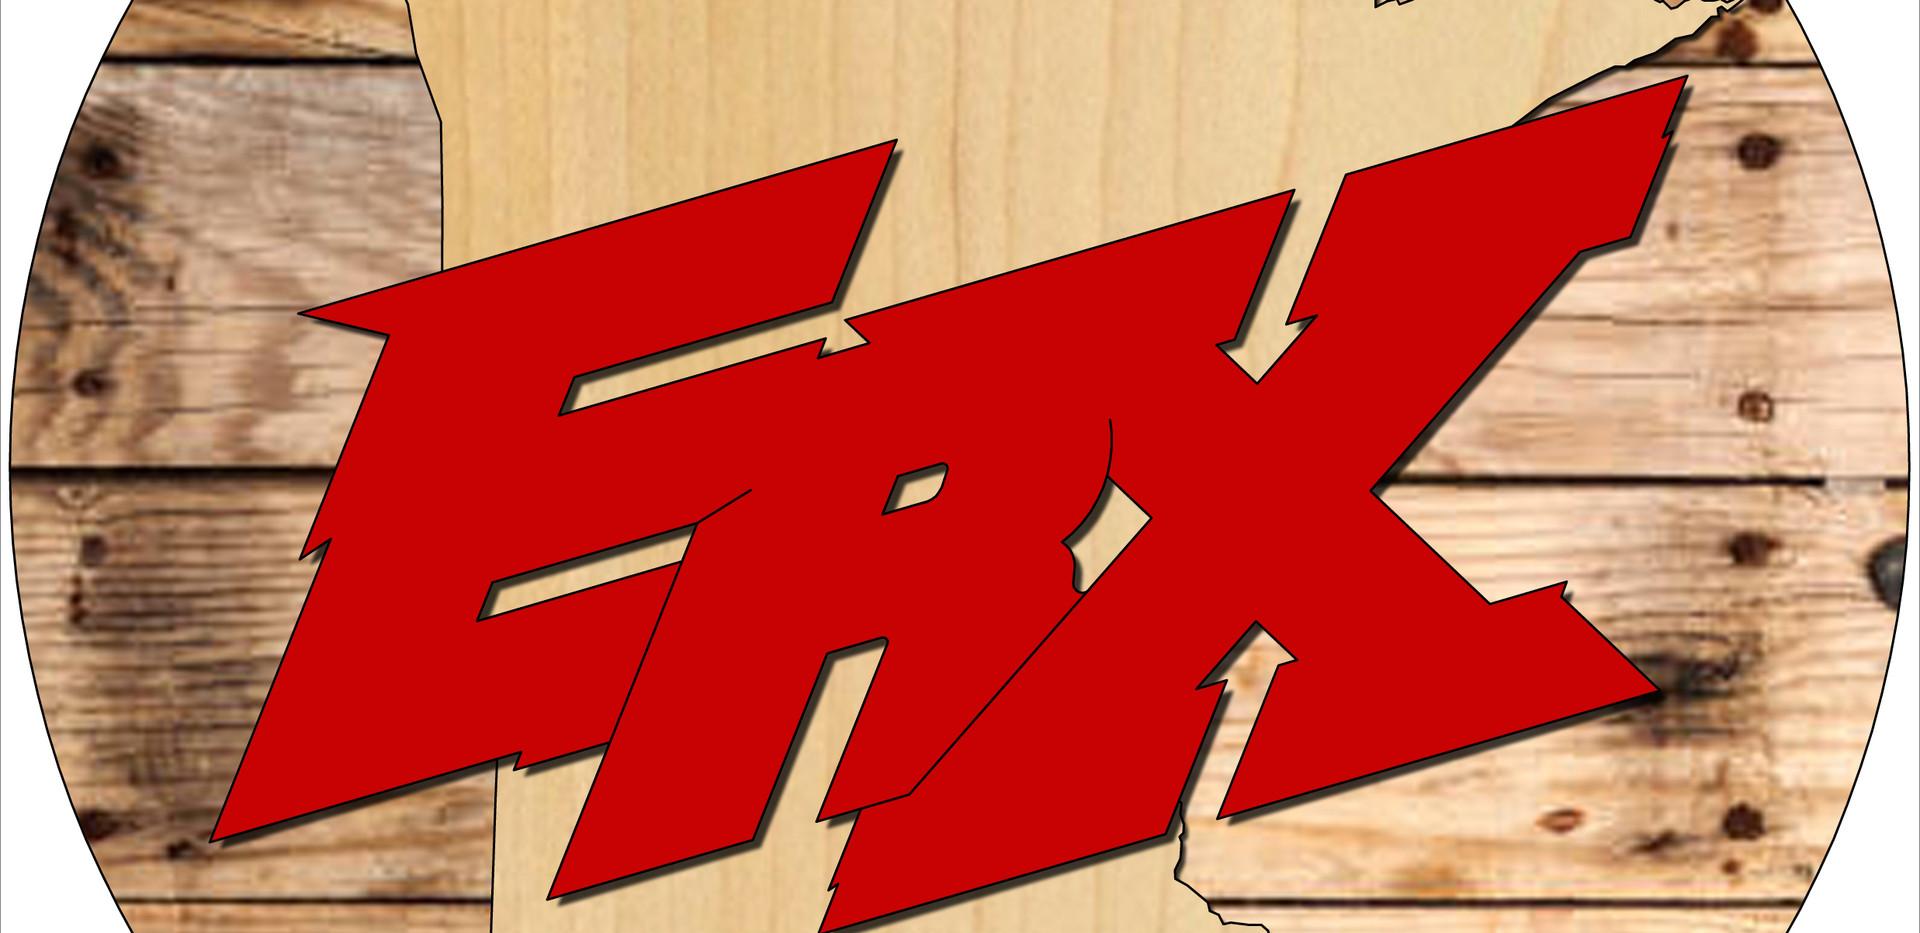 ERX_MN.jpg